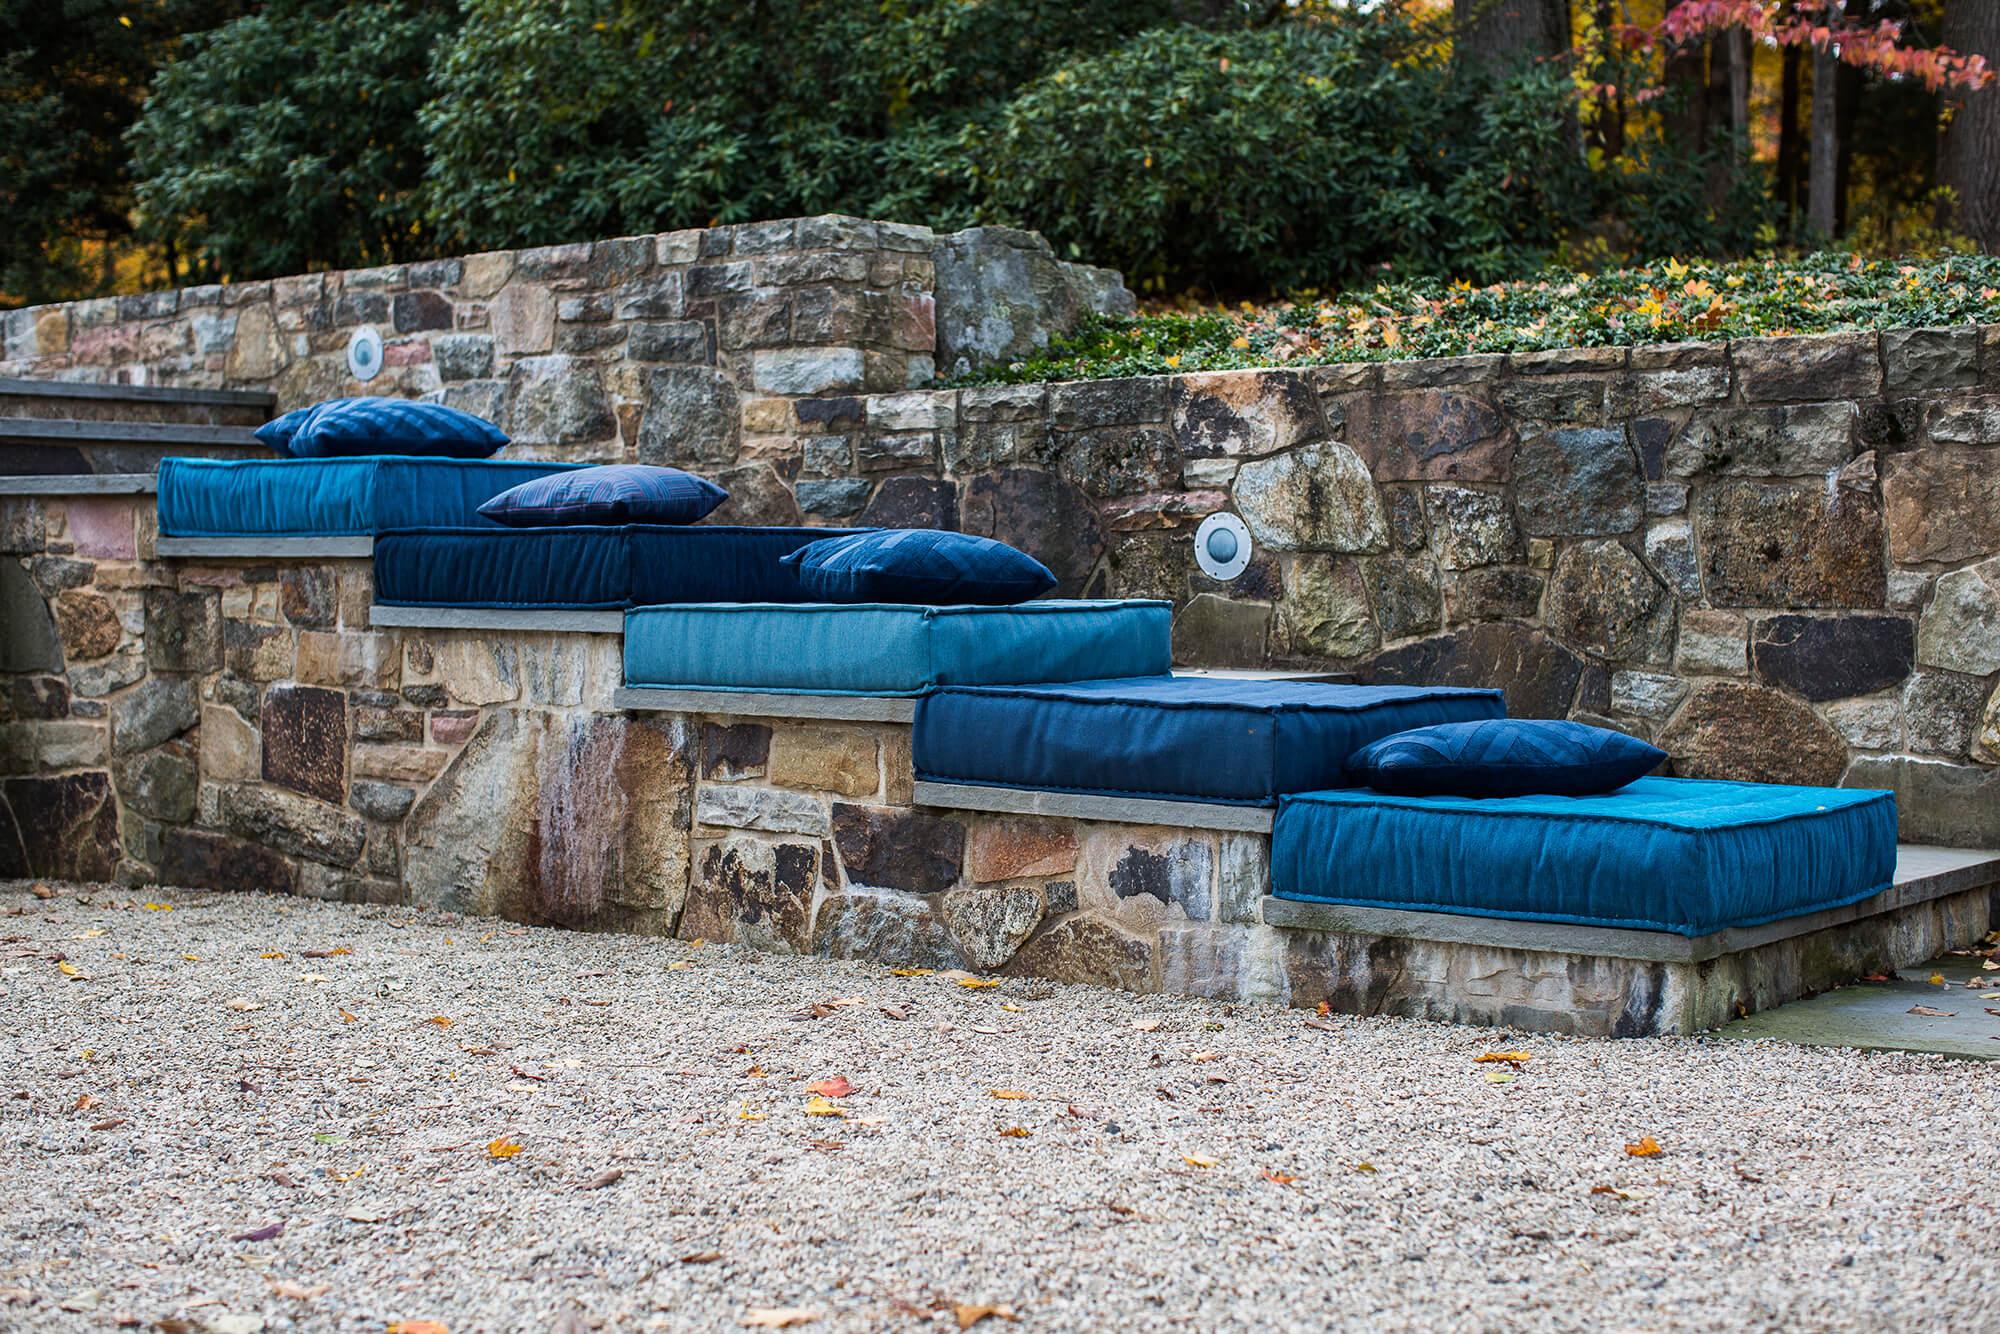 户外楼梯上,采用 Sunbrella 织物制成的蓝色地毯